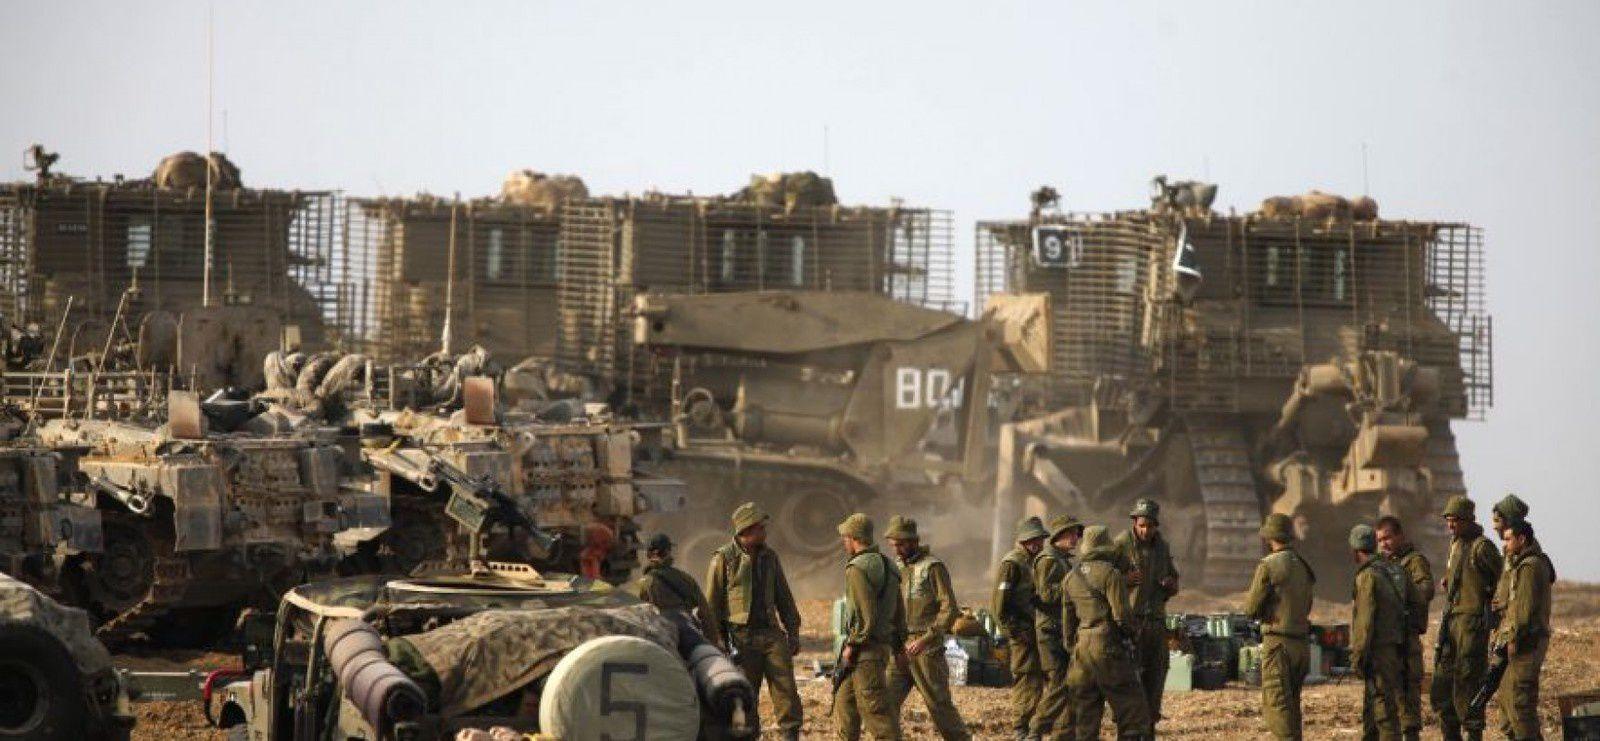 [Vidéo] Une vidéo montre des militaires israéliens envahir les territoires syriens (Almasdar News)